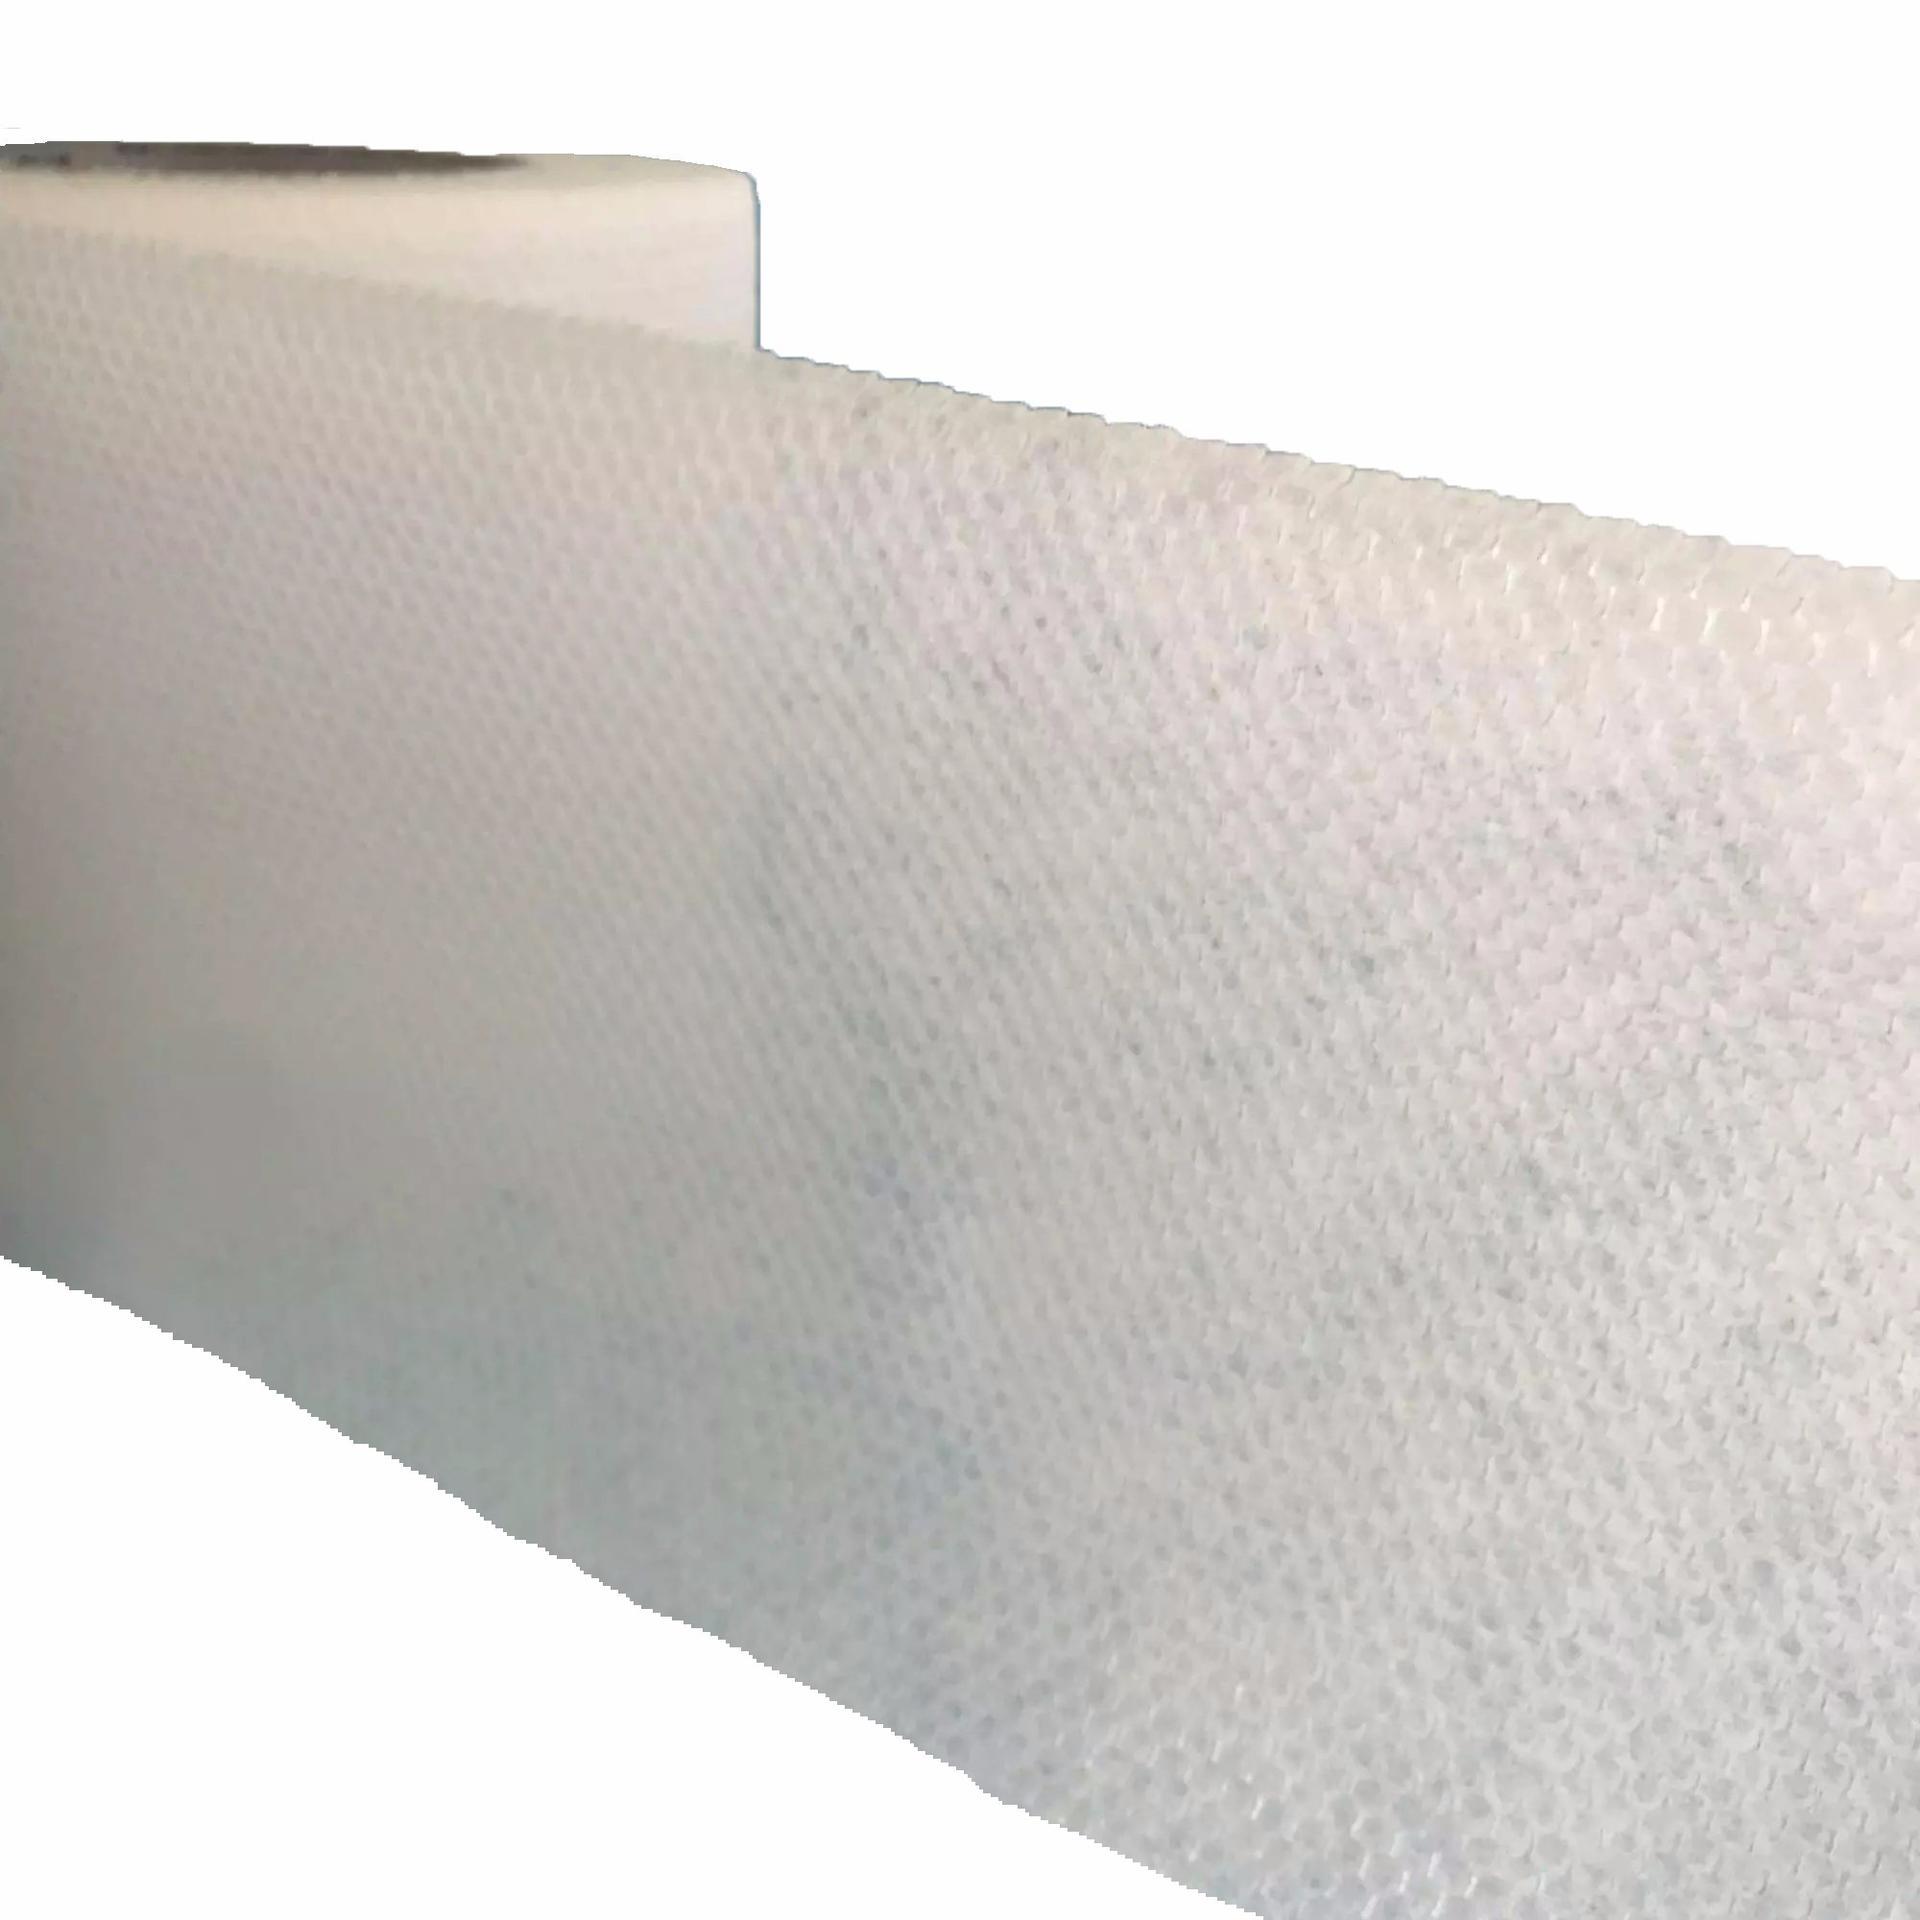 Baby Diaper Non Woven Tissue in Roll